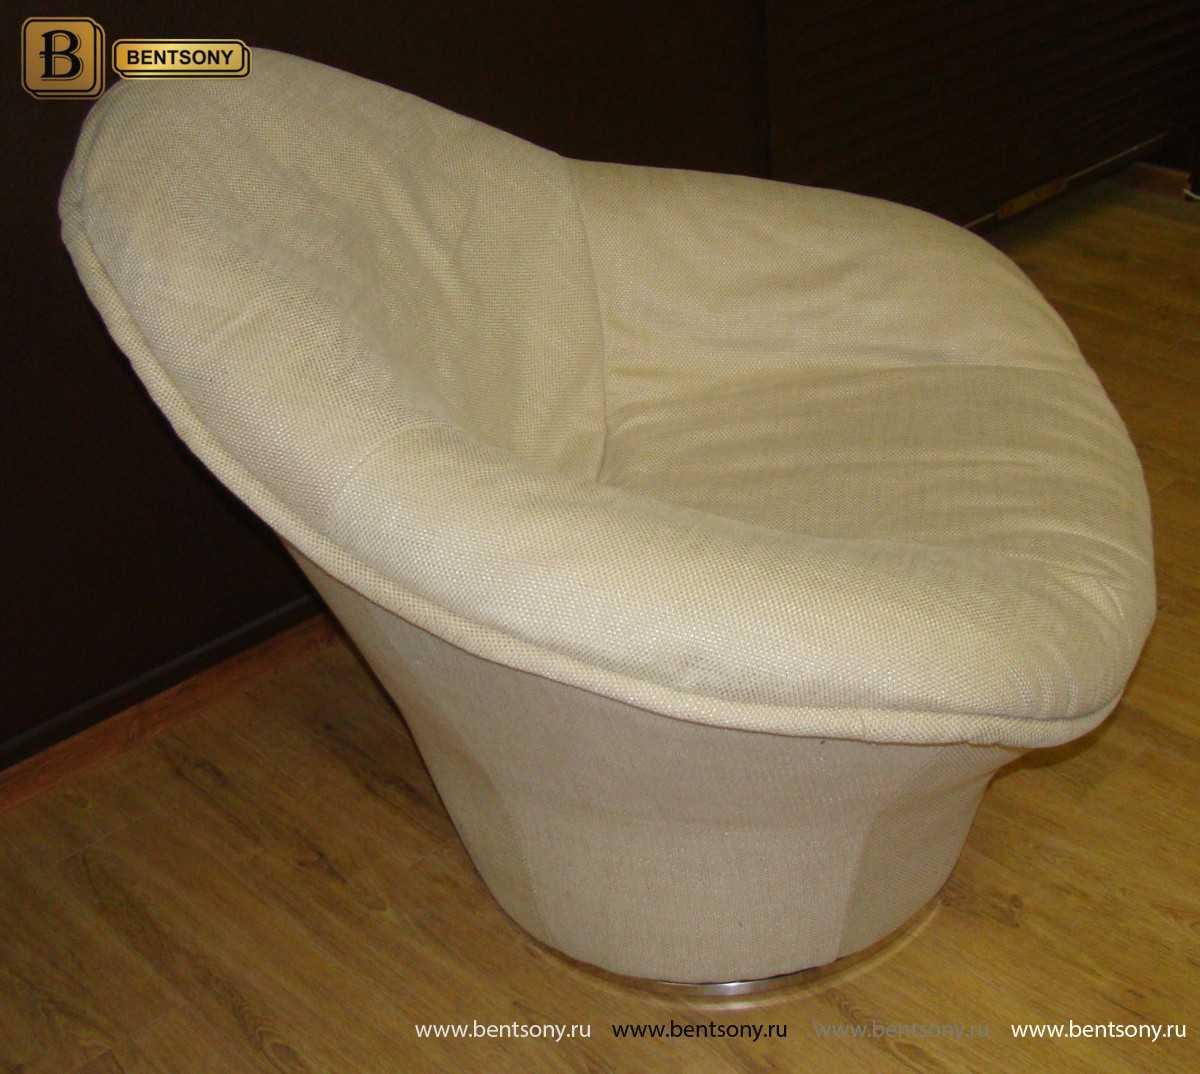 Кресло Мартини (Вращается) в Москве